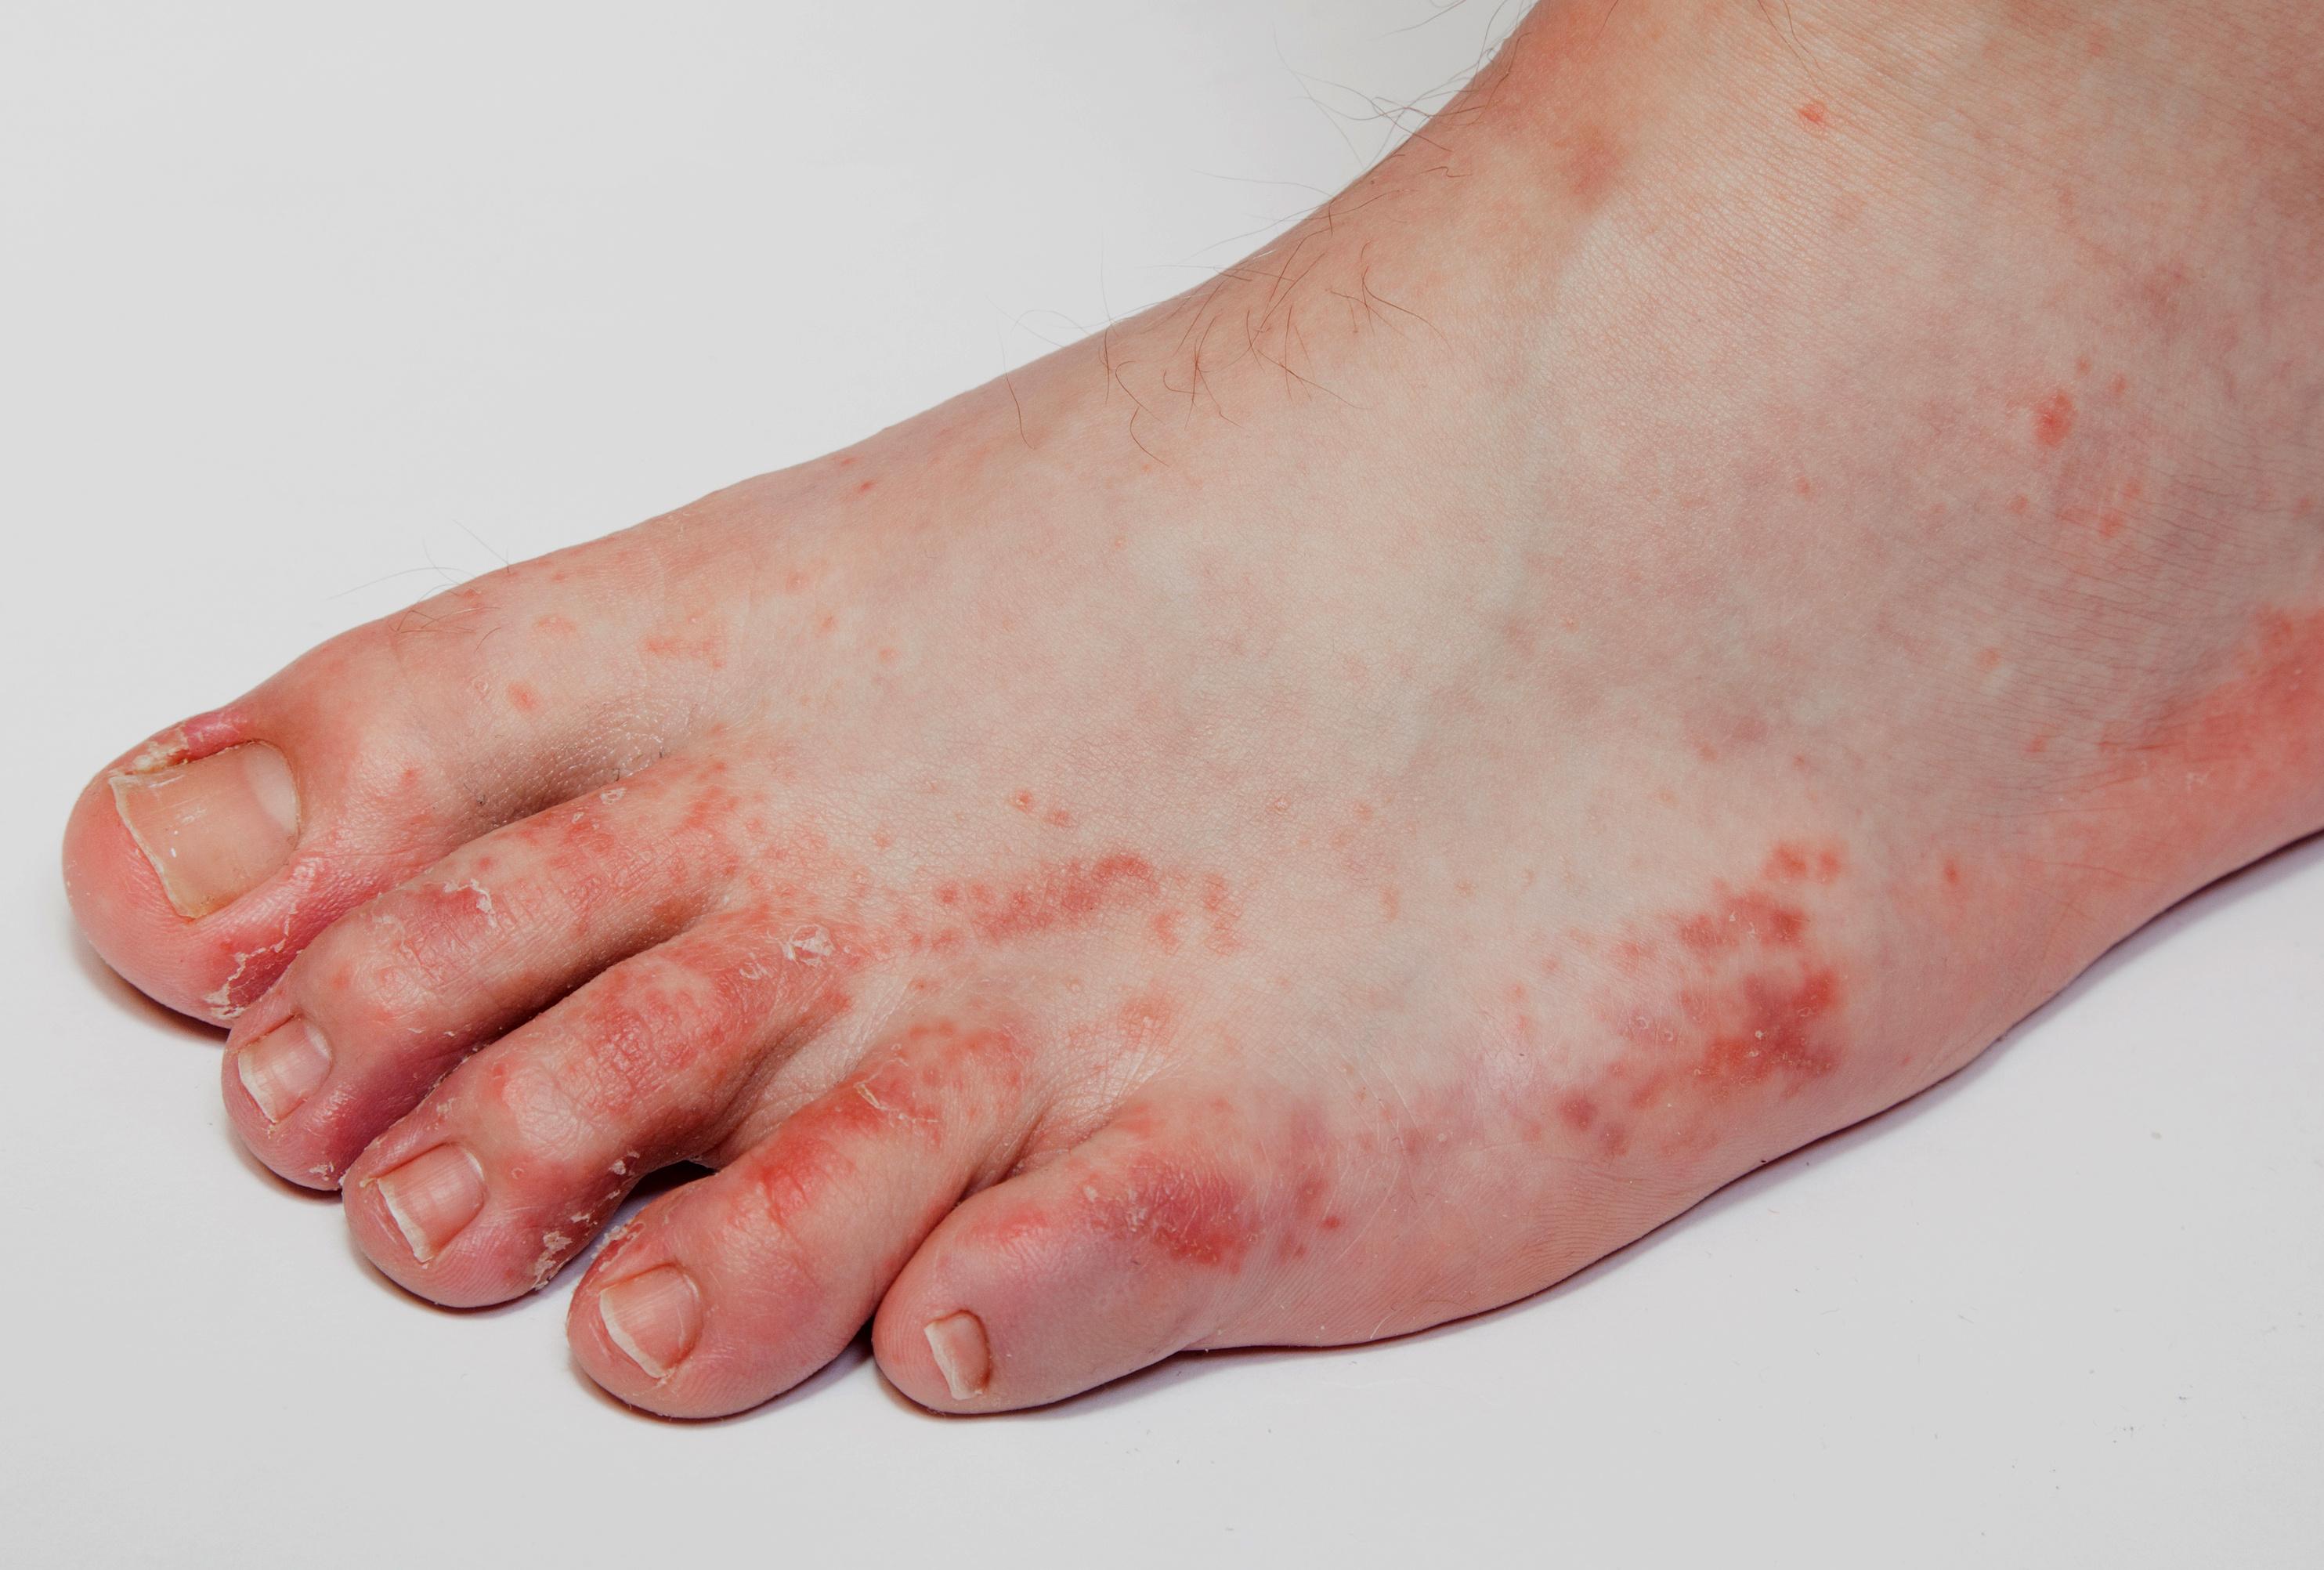 fertőzés a lábán vörös foltok bőrrák vörös foltok formájában